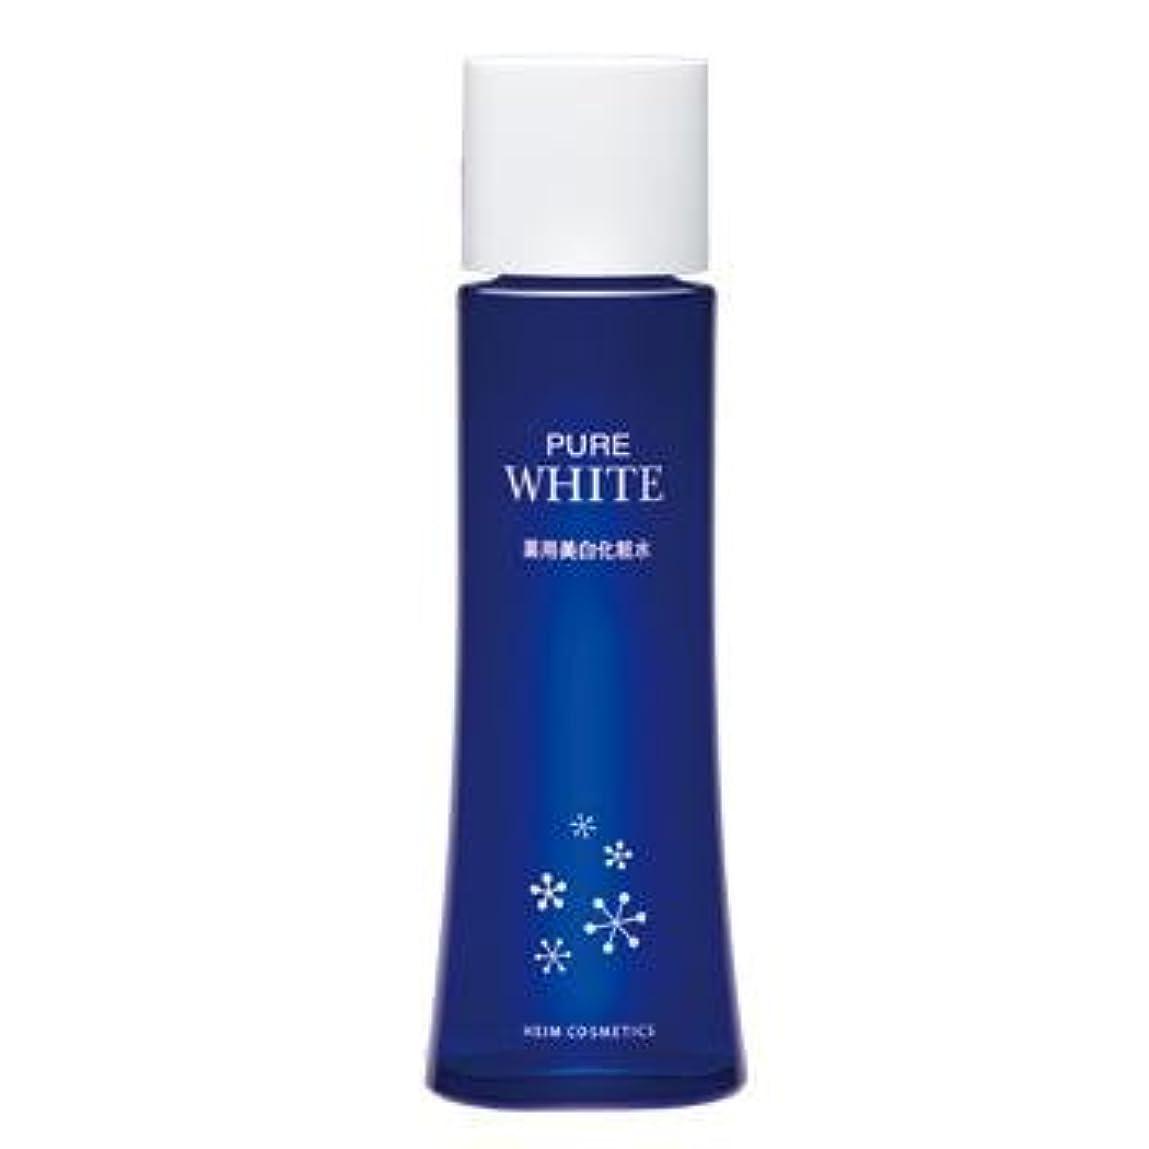 早く頼る電圧ハイム化粧品/薬用ピュアホワイト/化粧水(しっとり)【乾燥しやすい肌に美白とうるおいを】